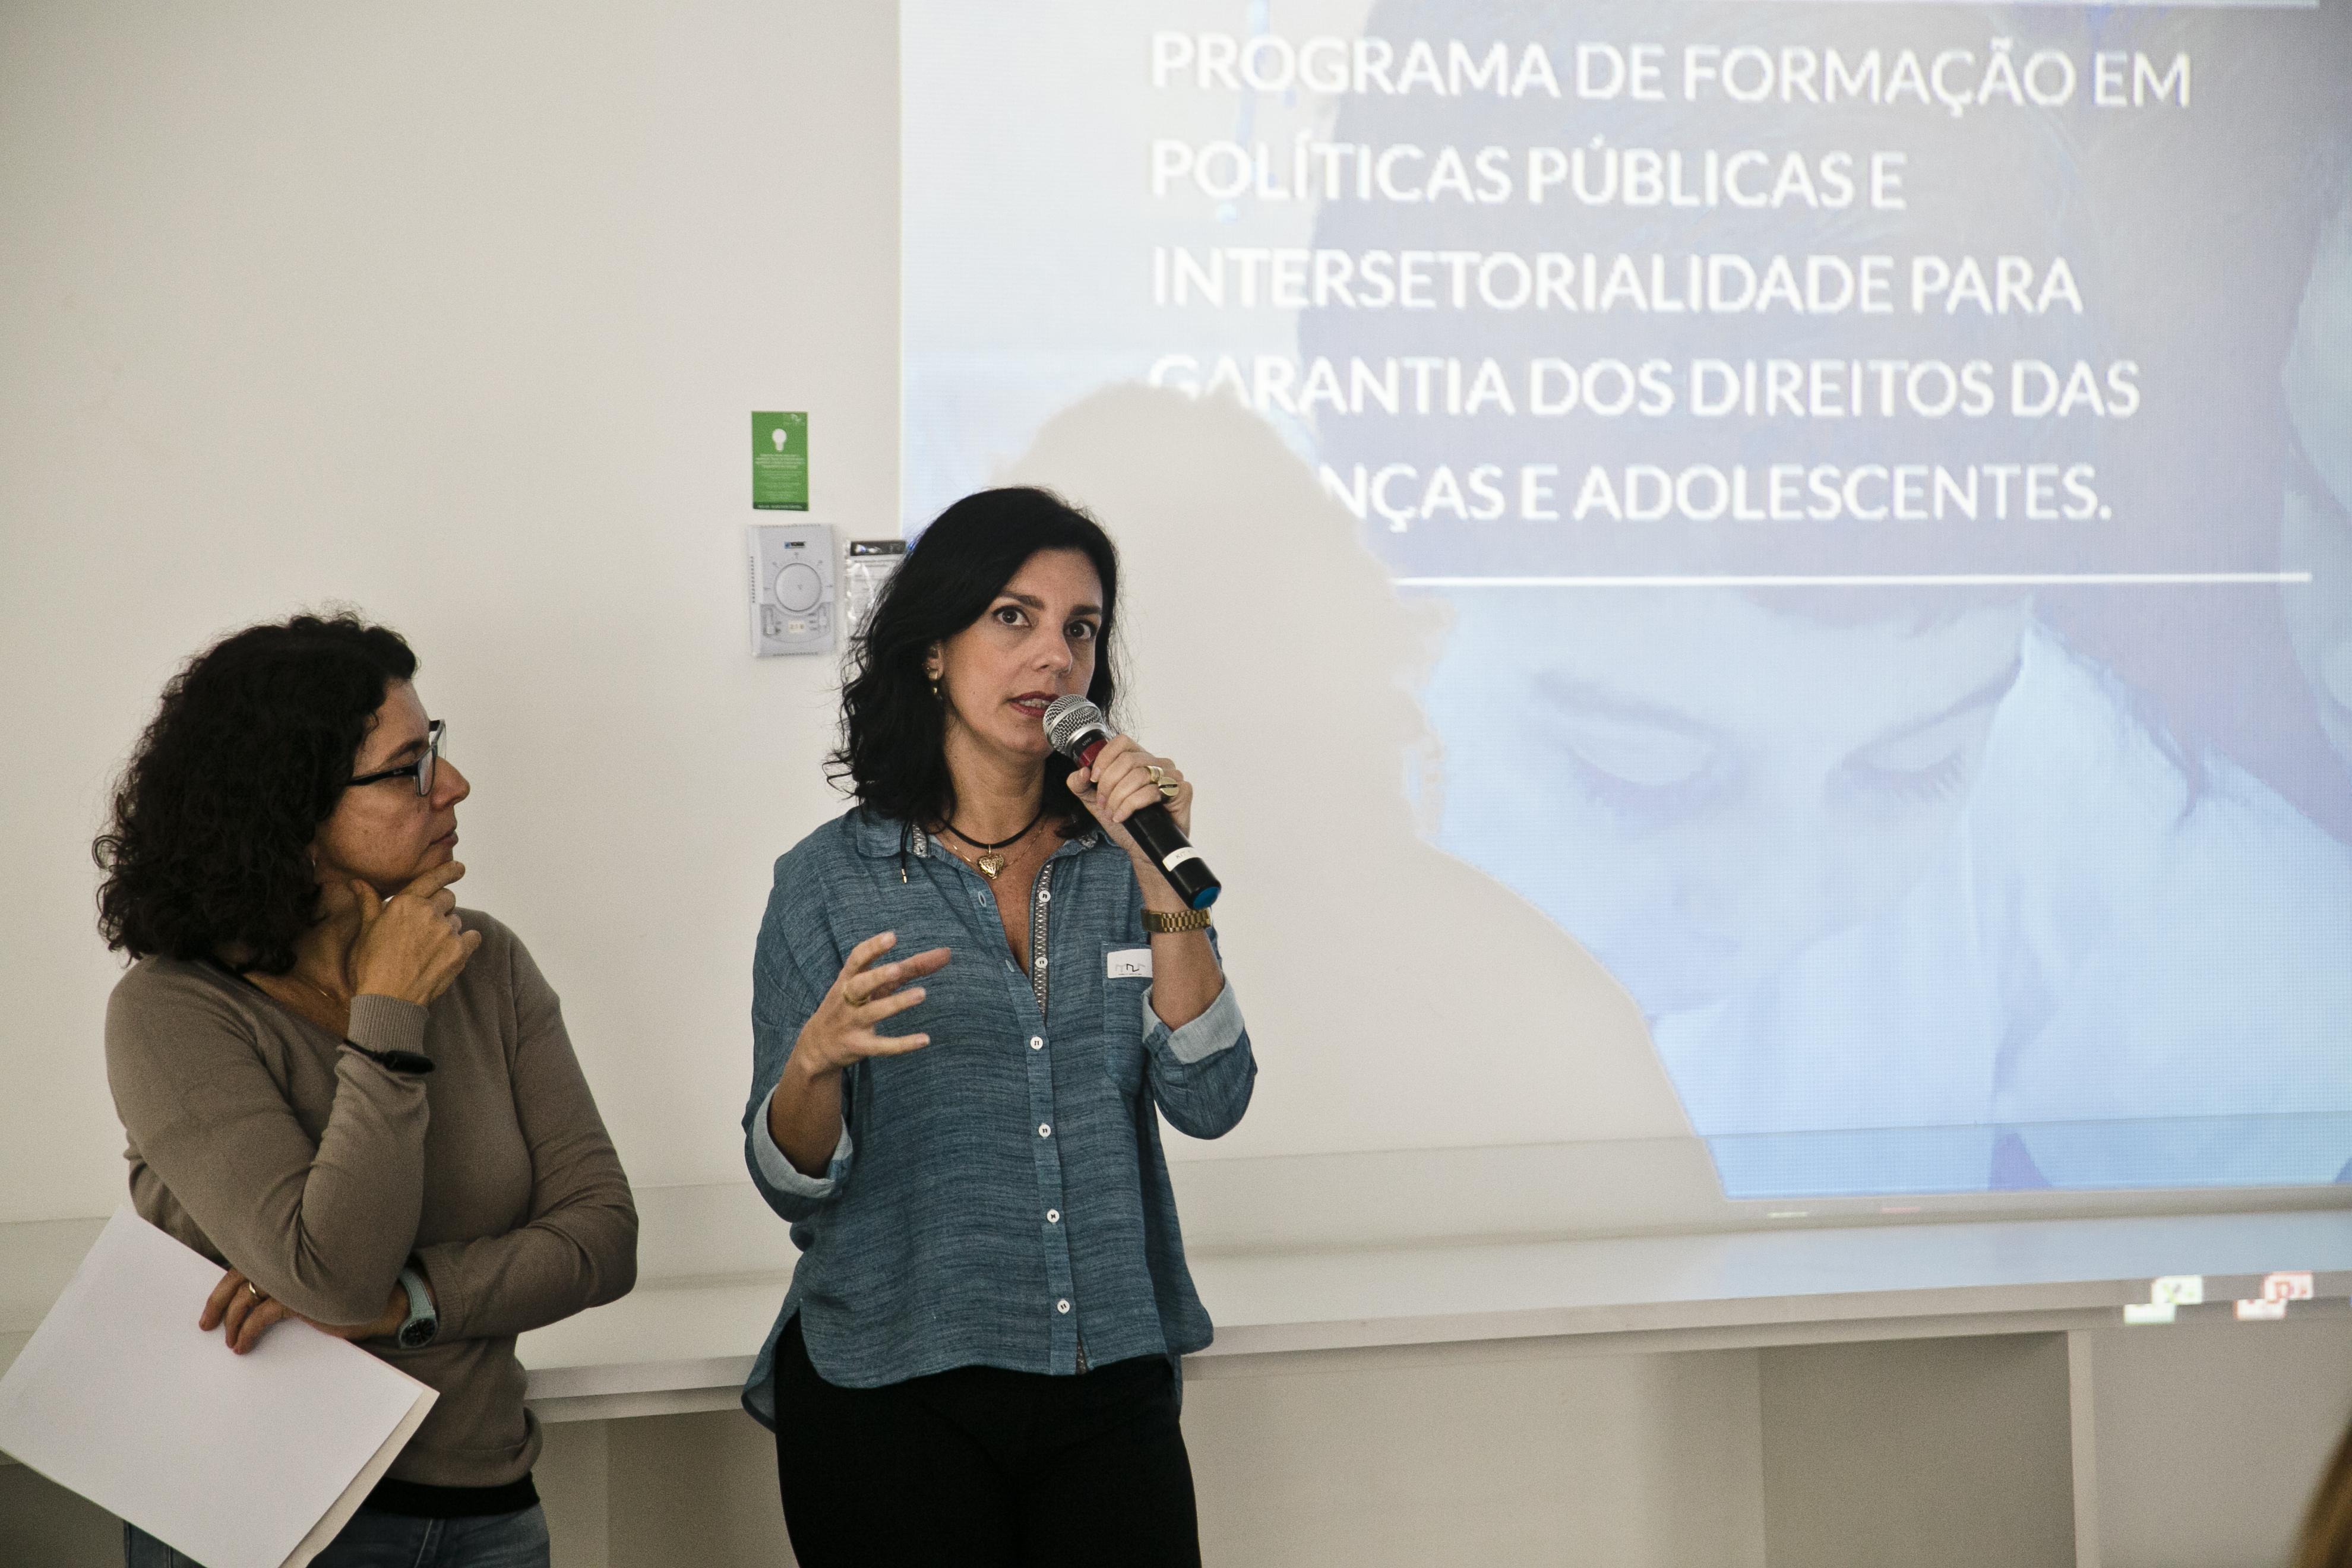 Projeto Aluno Presente - Formação em Políticas Públicas e Intersetorialidade em 30 de junho de 2016.